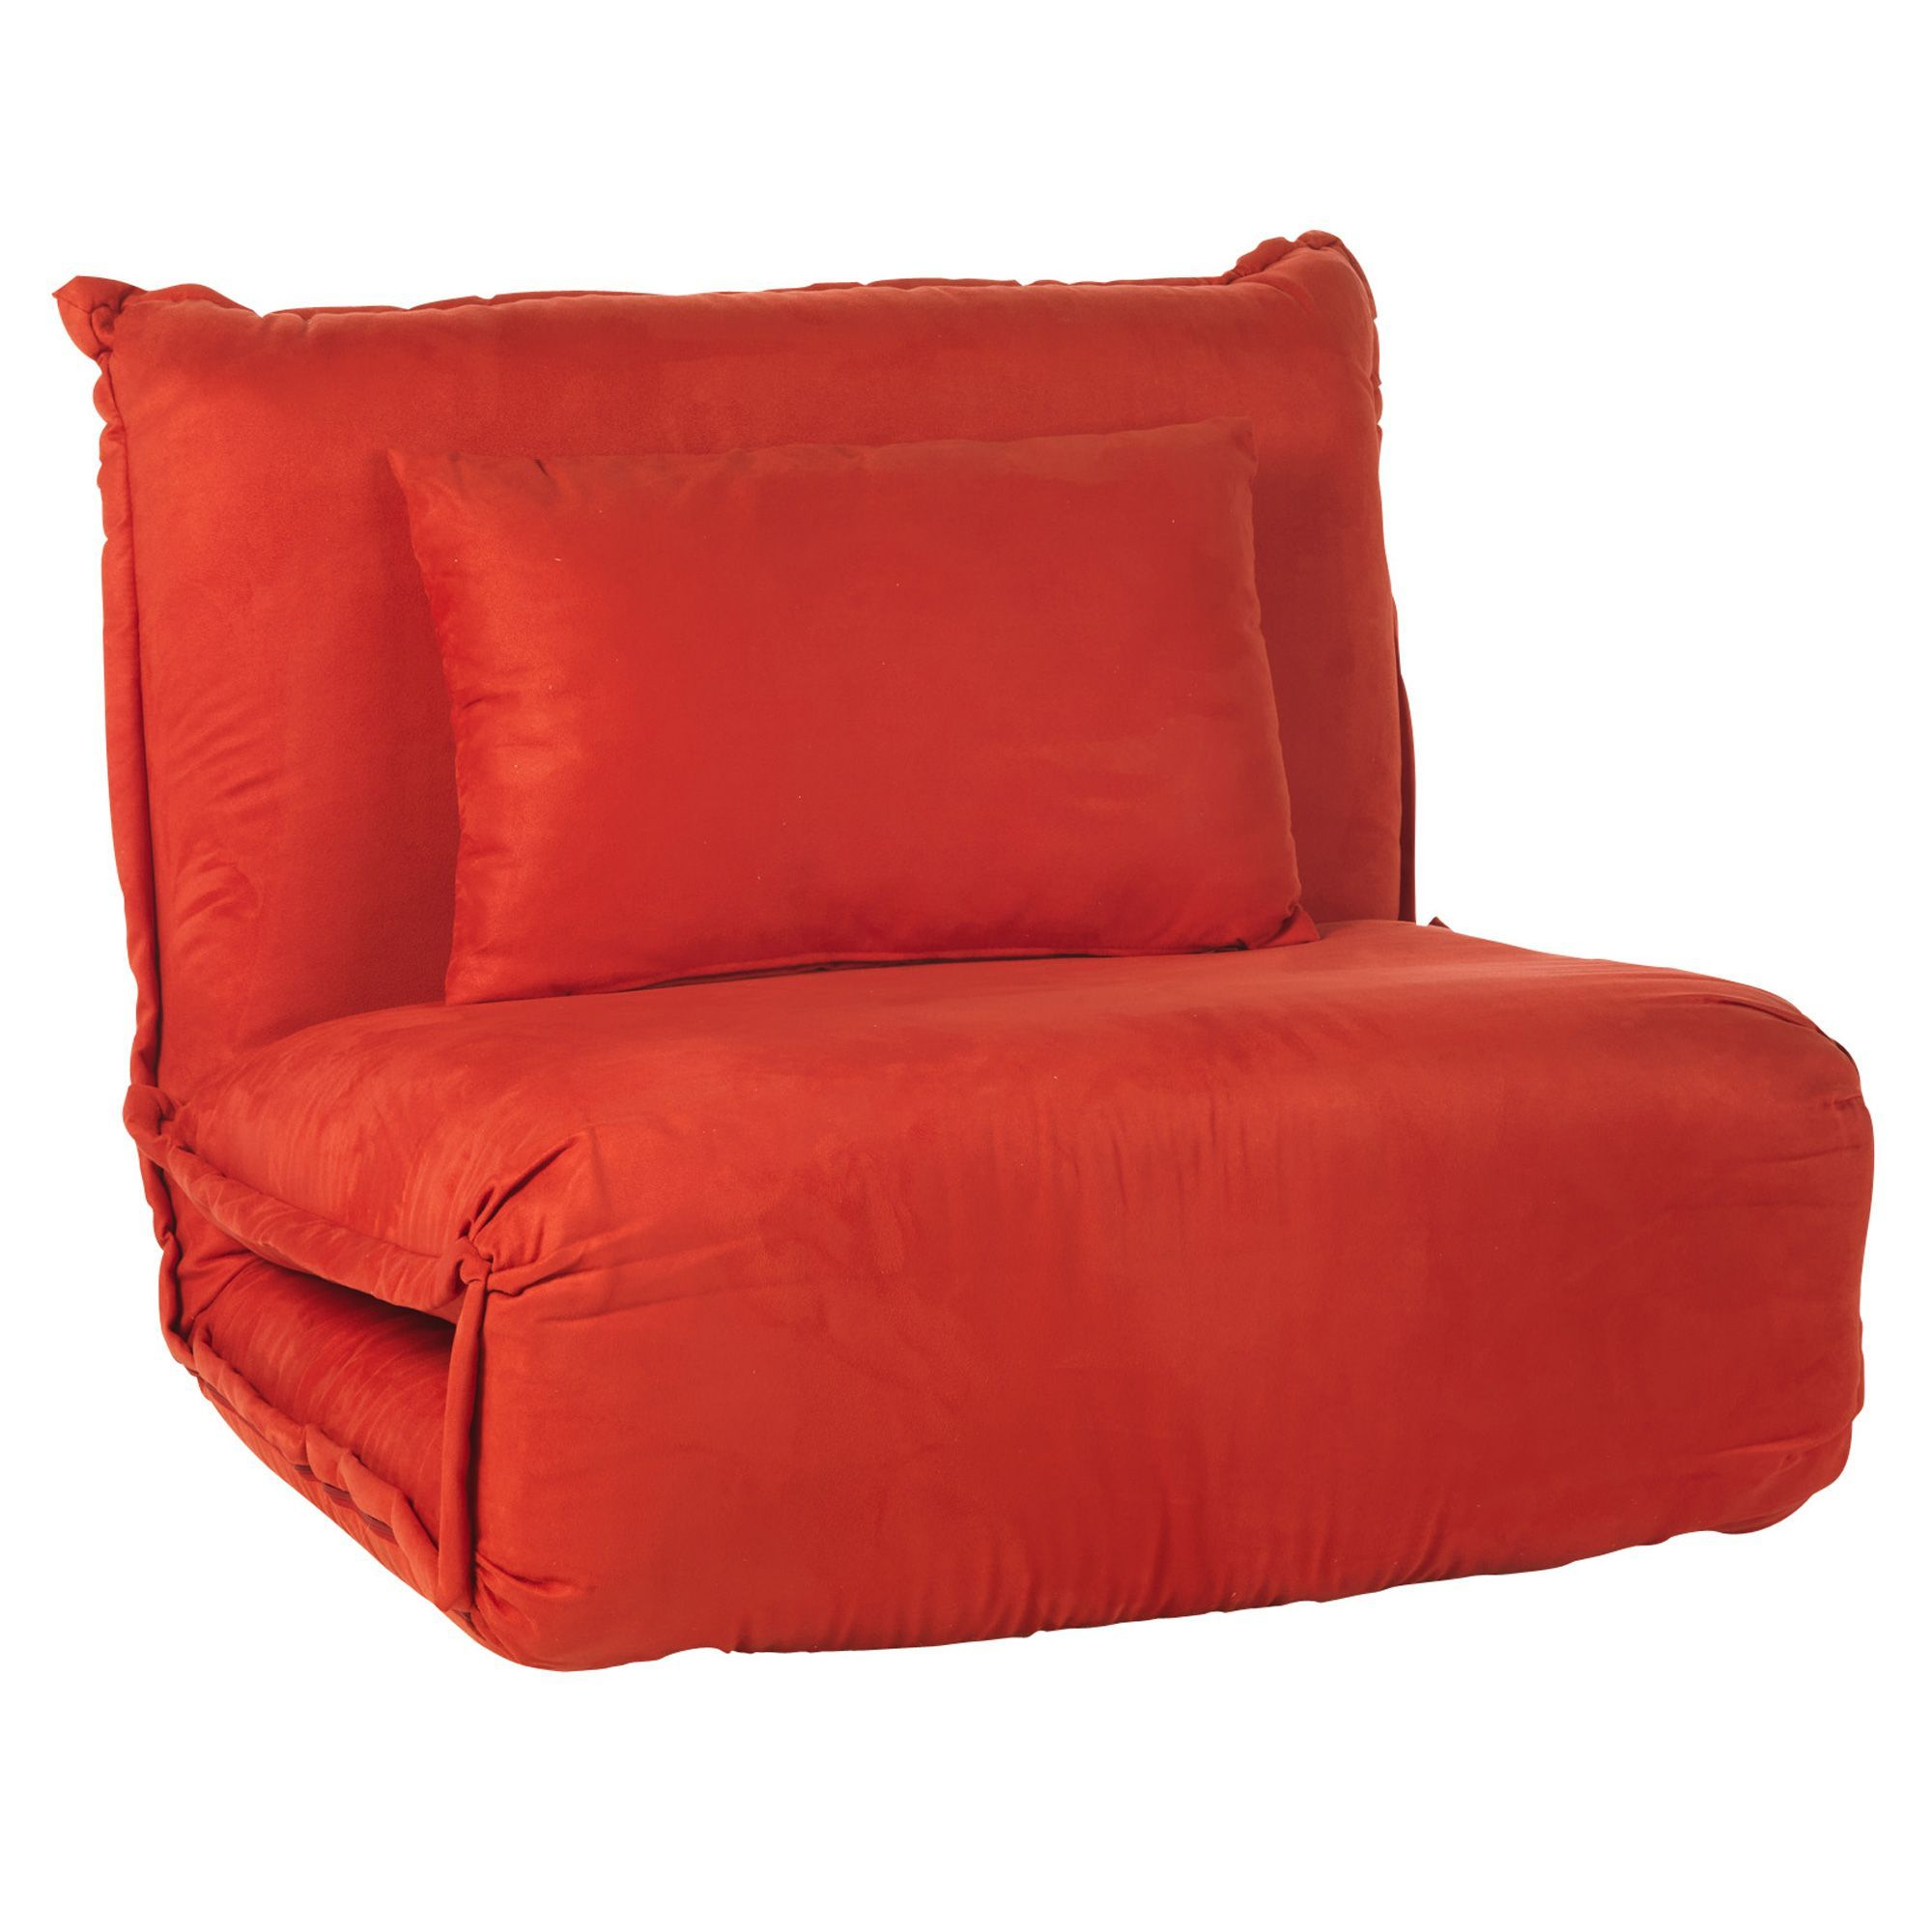 Fauteuil Convertible Rouge Rouge - Dodo - Les Fauteuils ... tout Fauteuil Convertible 1 Place Alinea